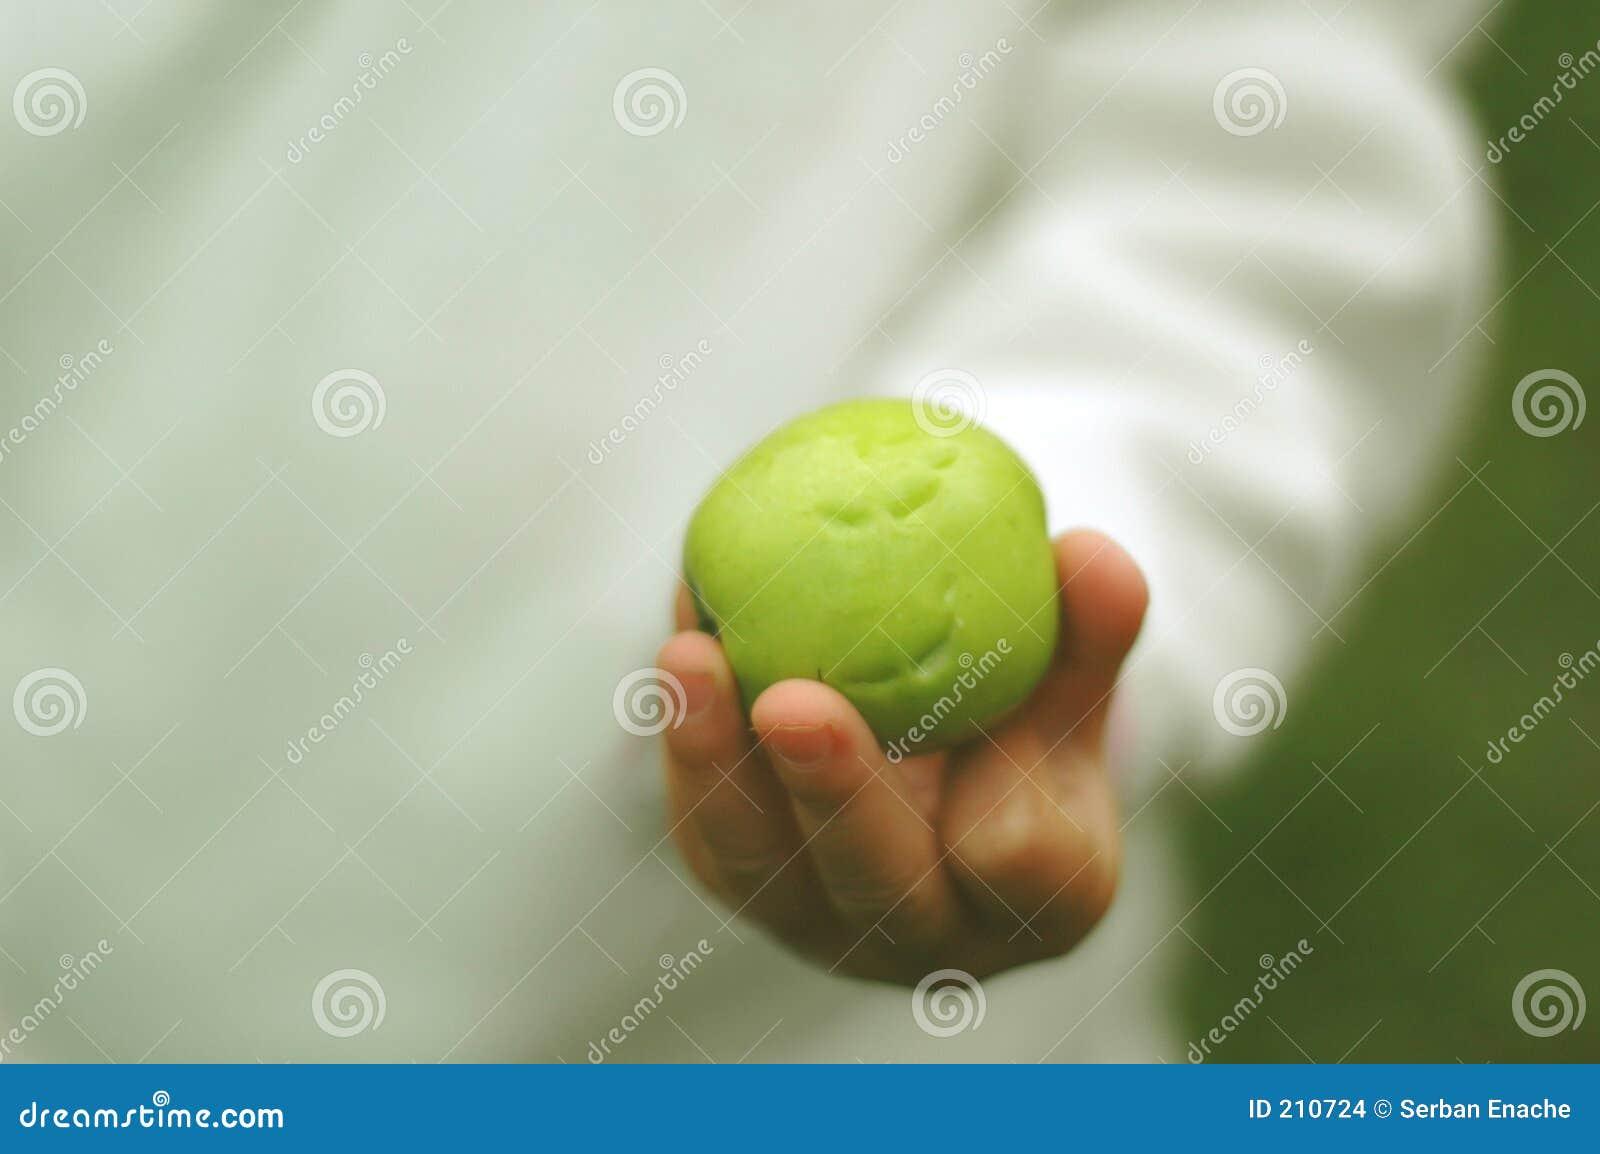 Toothmarks sulla mela verde